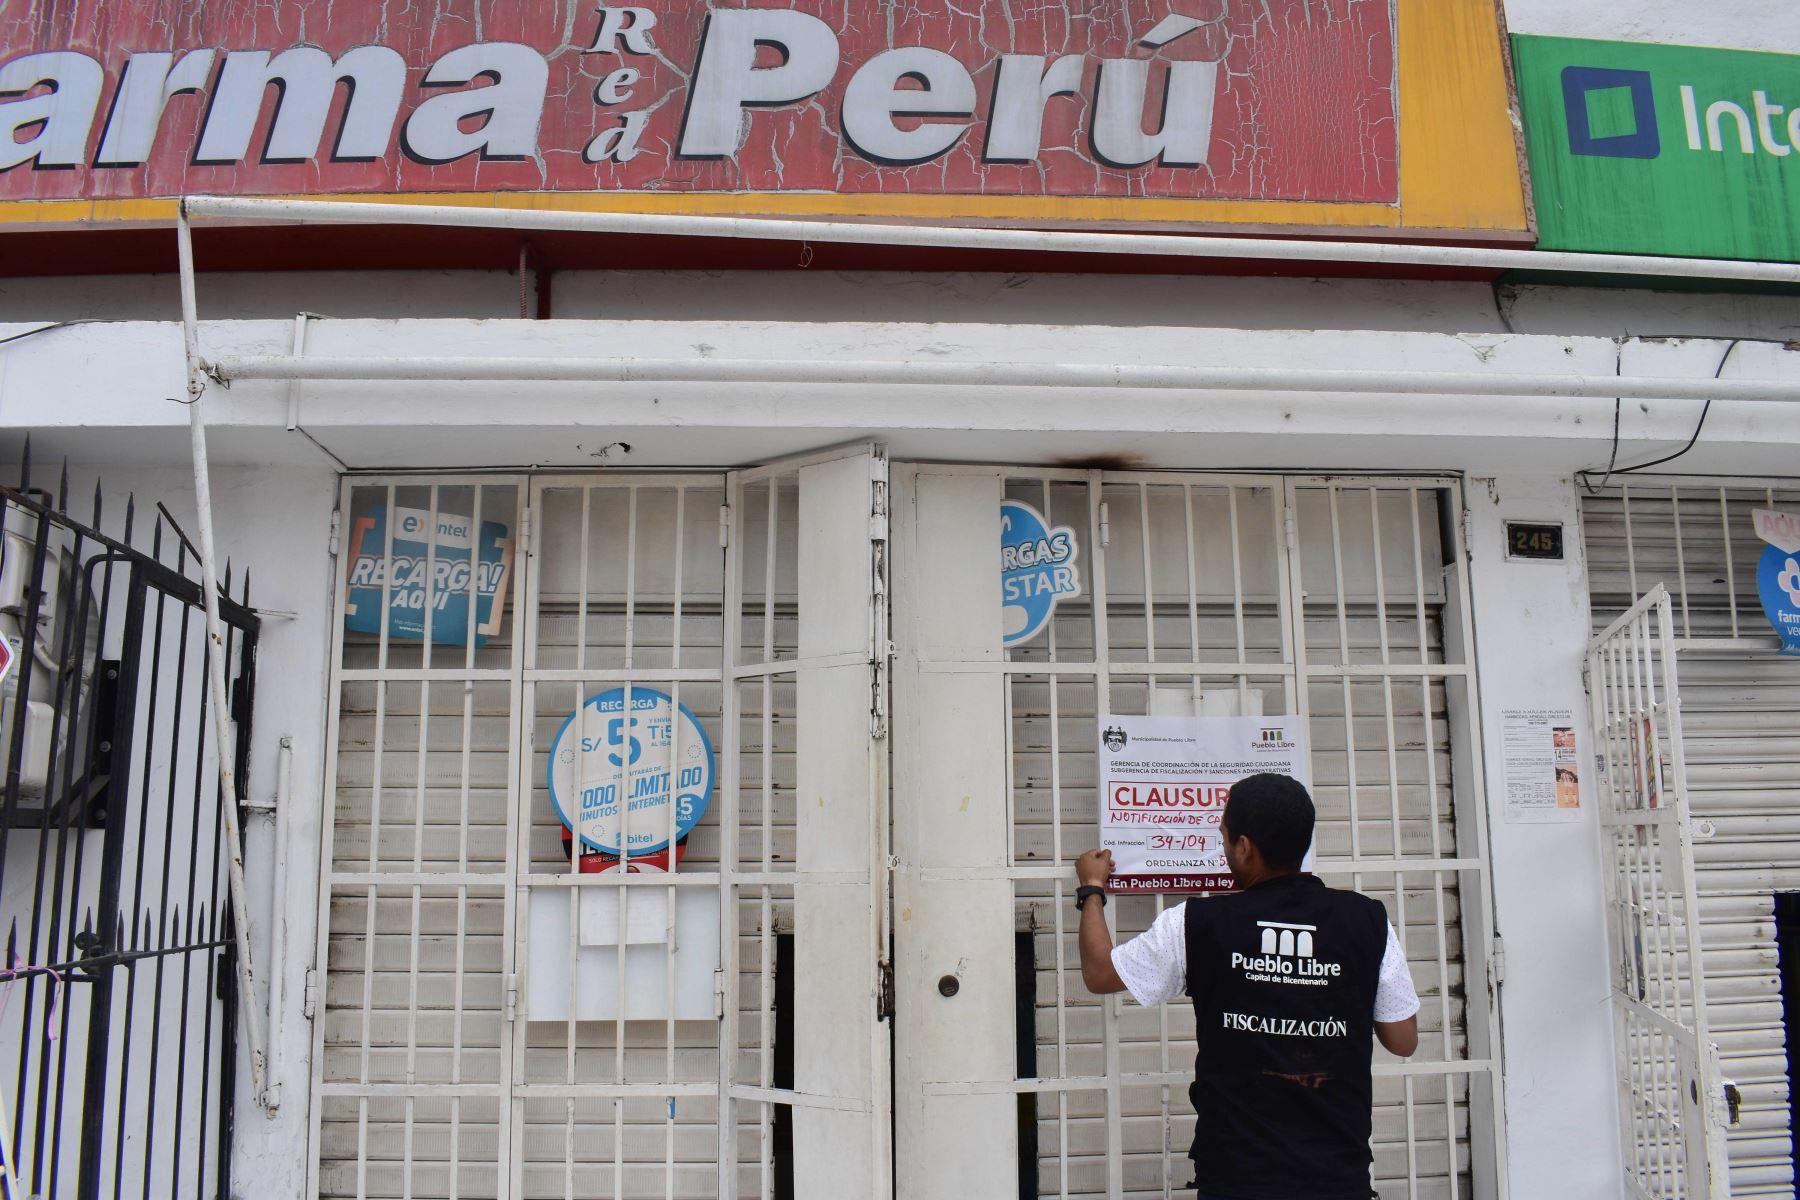 Operativo de clausura de farmacias que incumplen normas en Pueblo Libre. Foto: ANDINA/difusión.